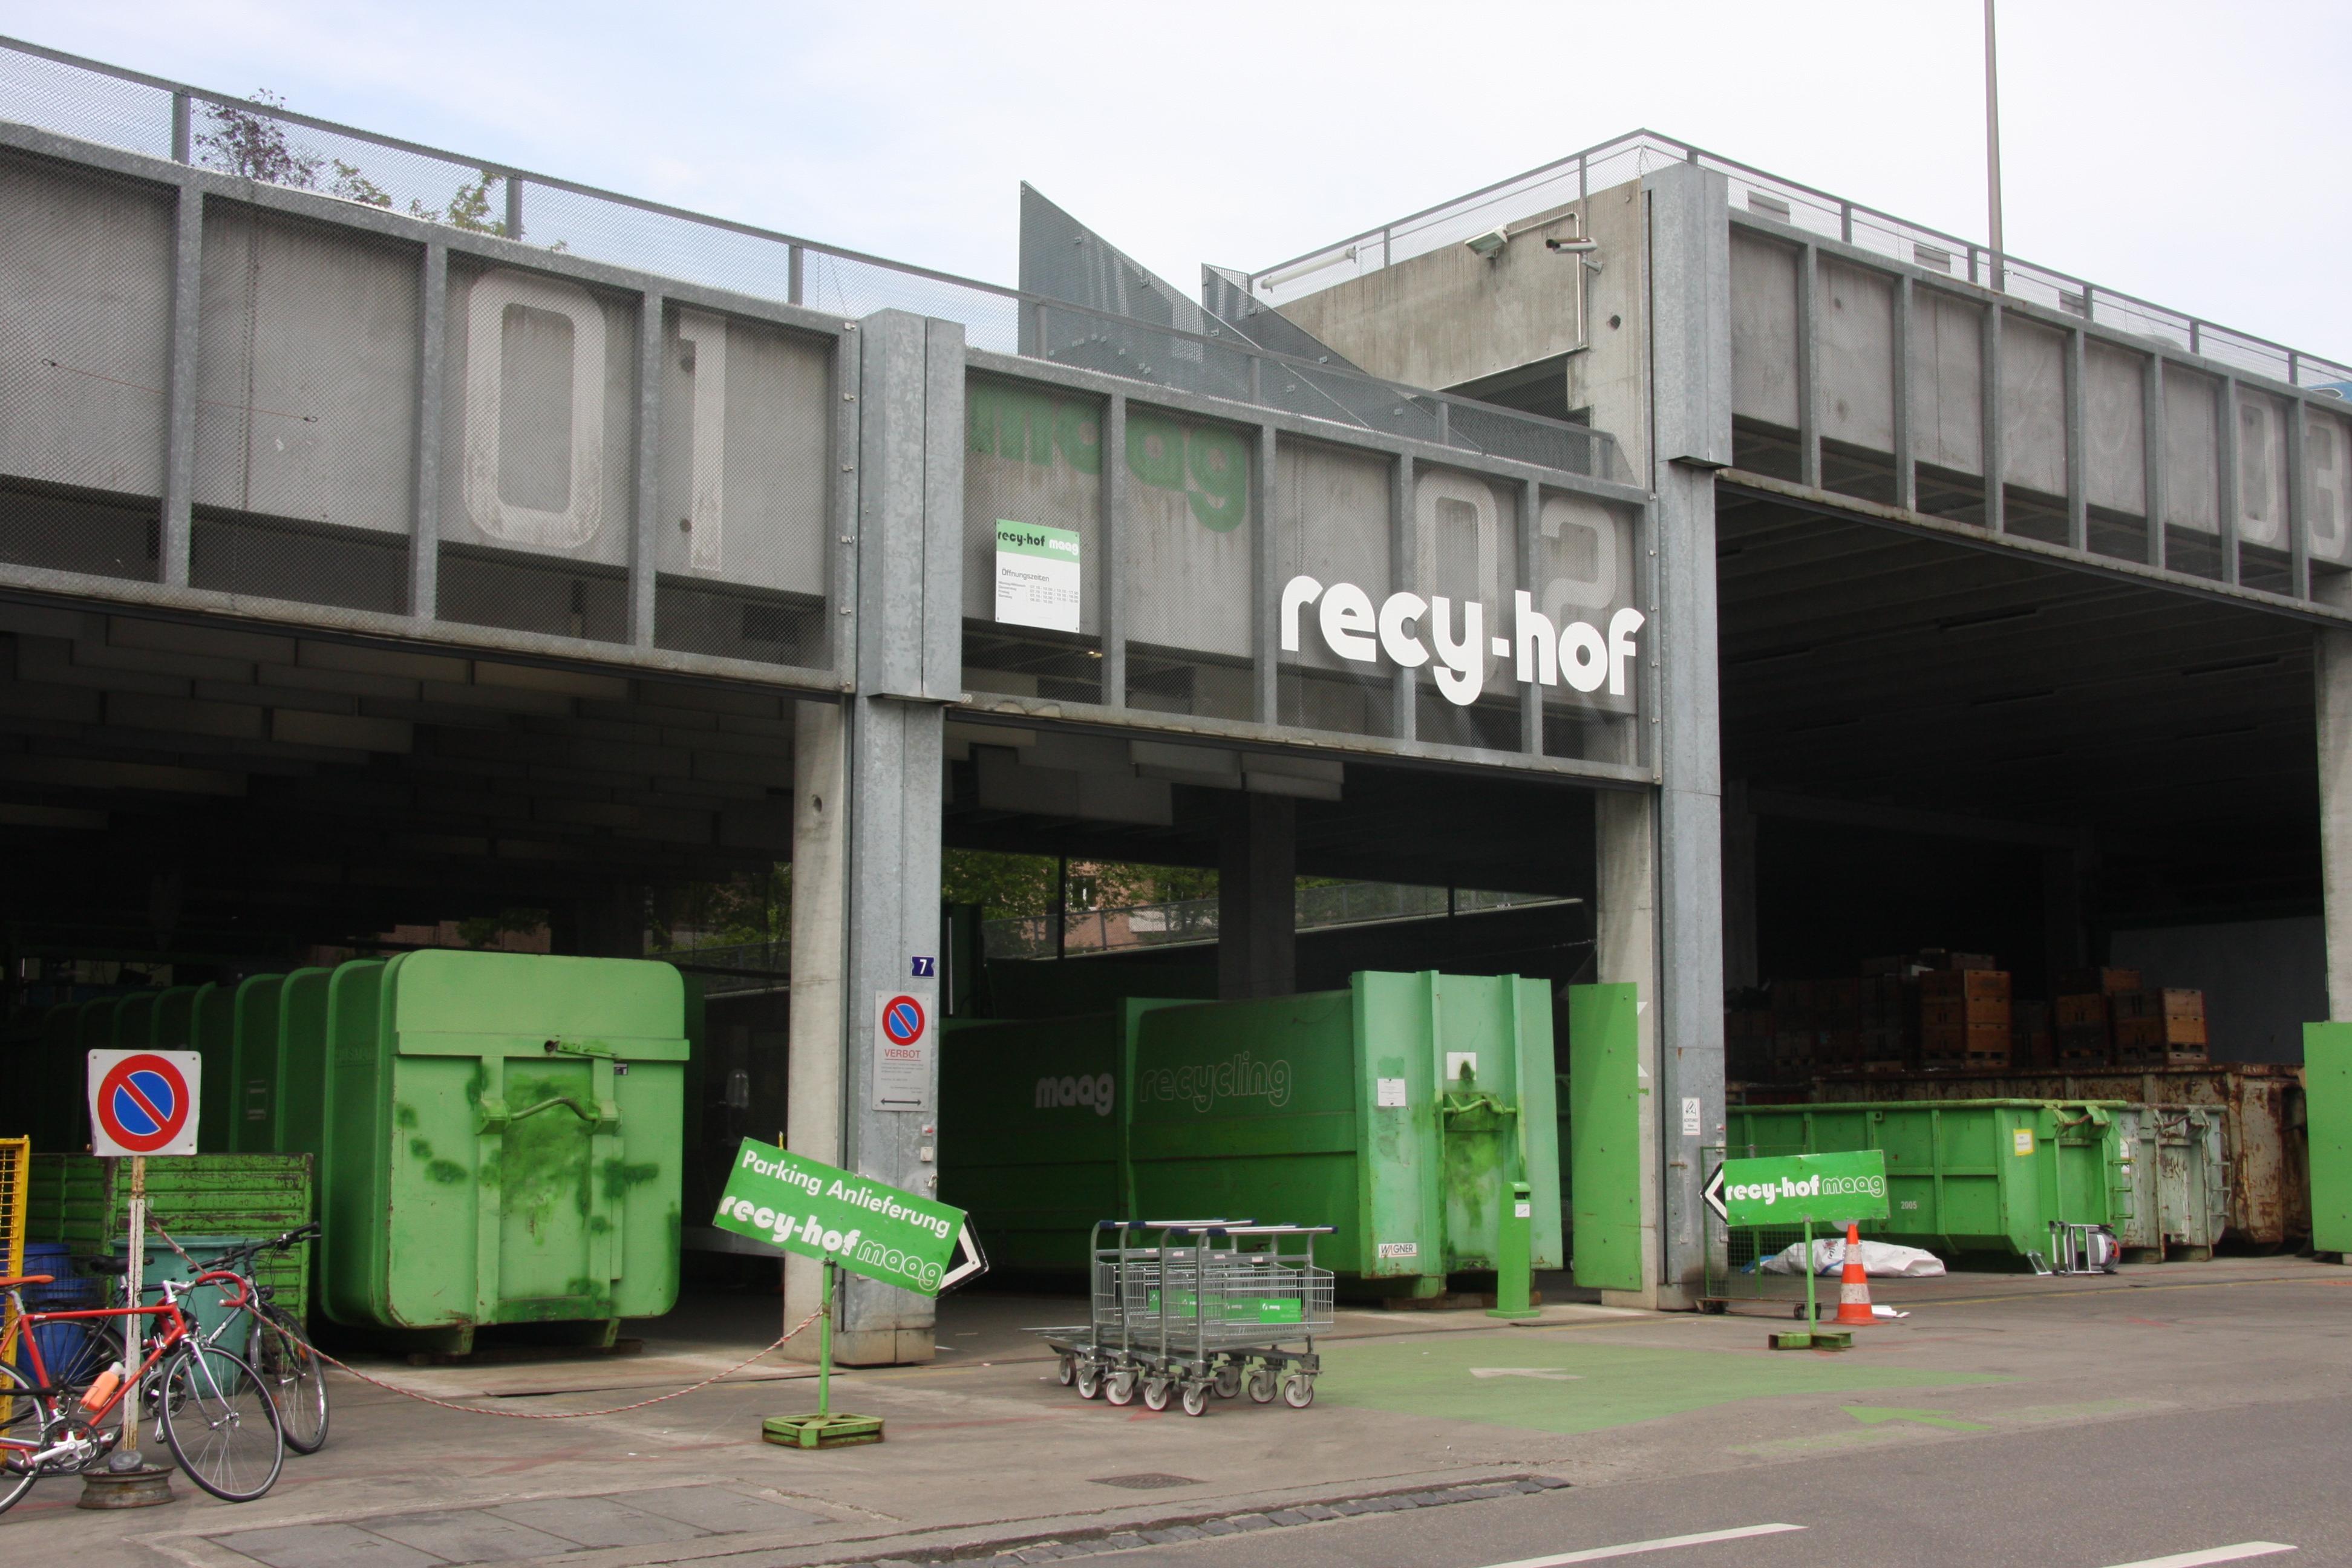 Querung Grüze - Maag Recycling sieht Vorlage kritisch und bezieht Stellung